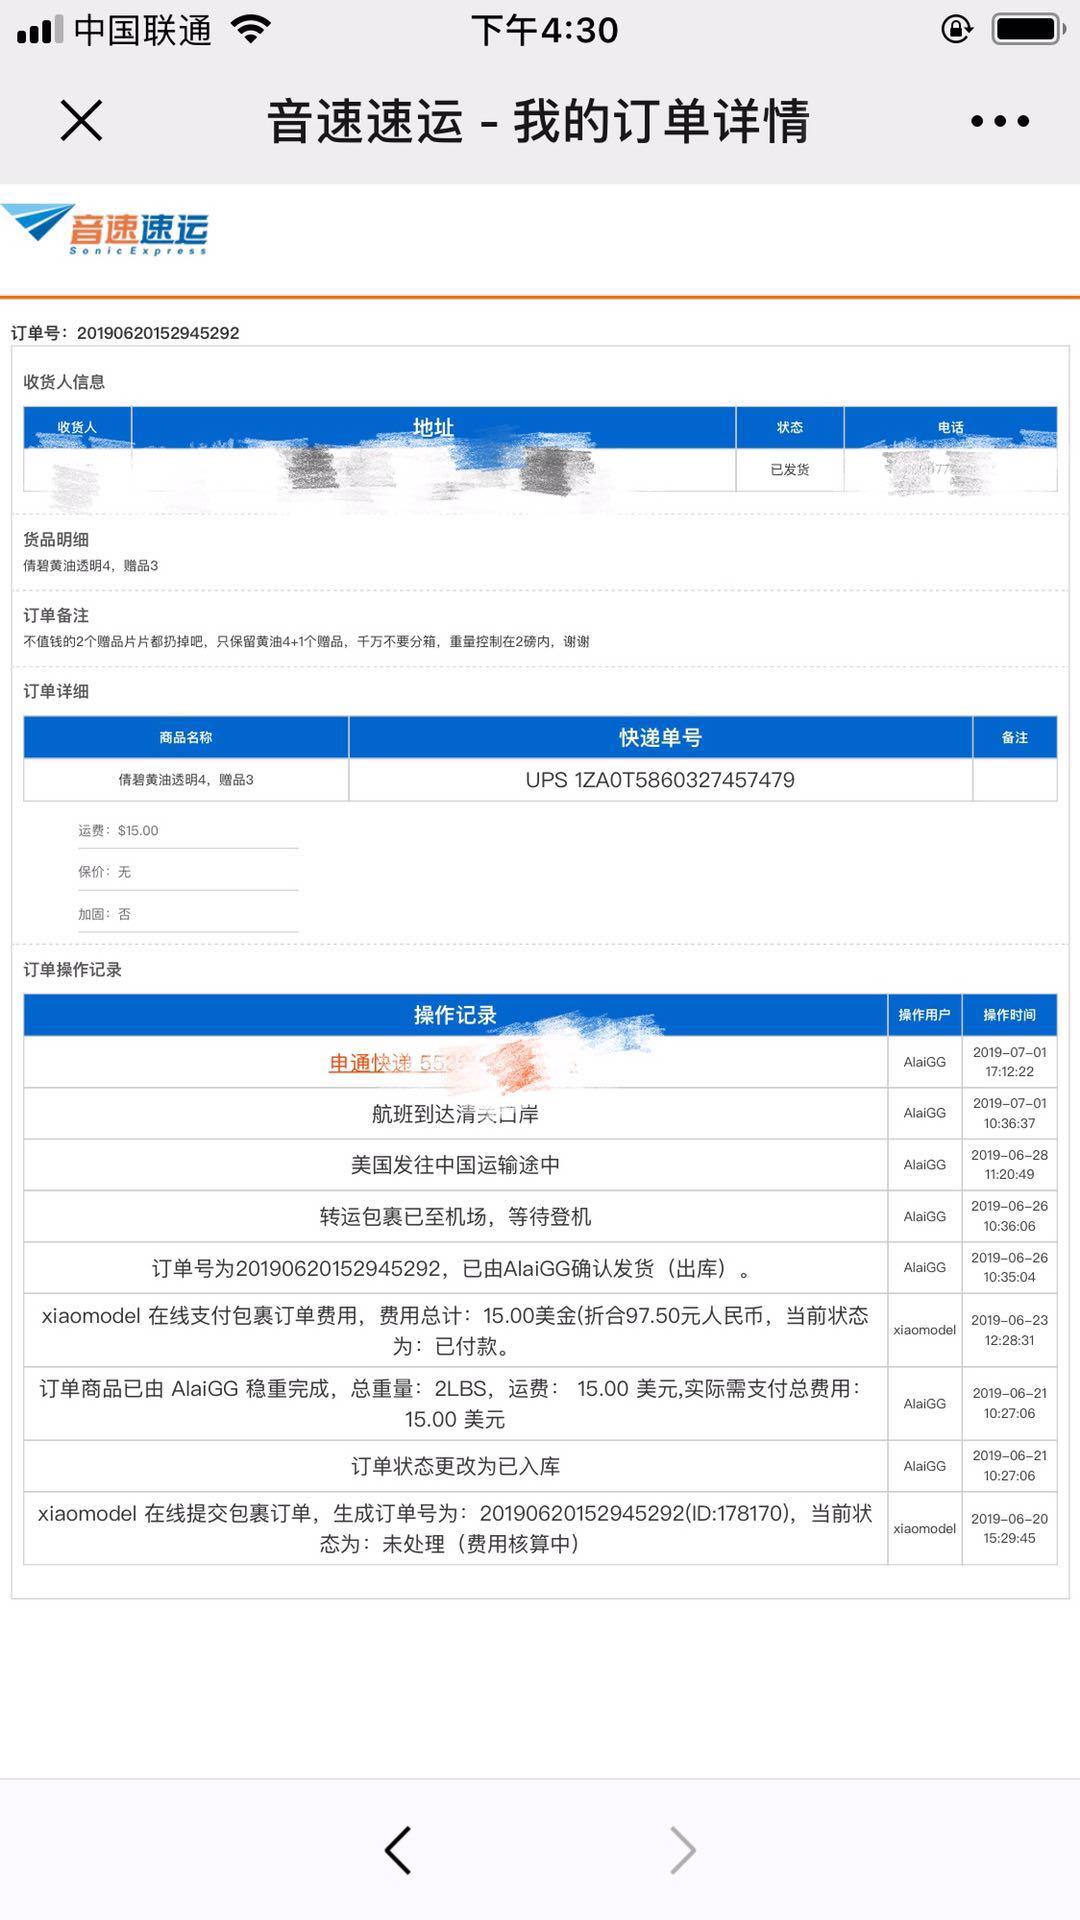 音速速运美中线z2渠道+订单号20190620152945292+用户名xiaomodel